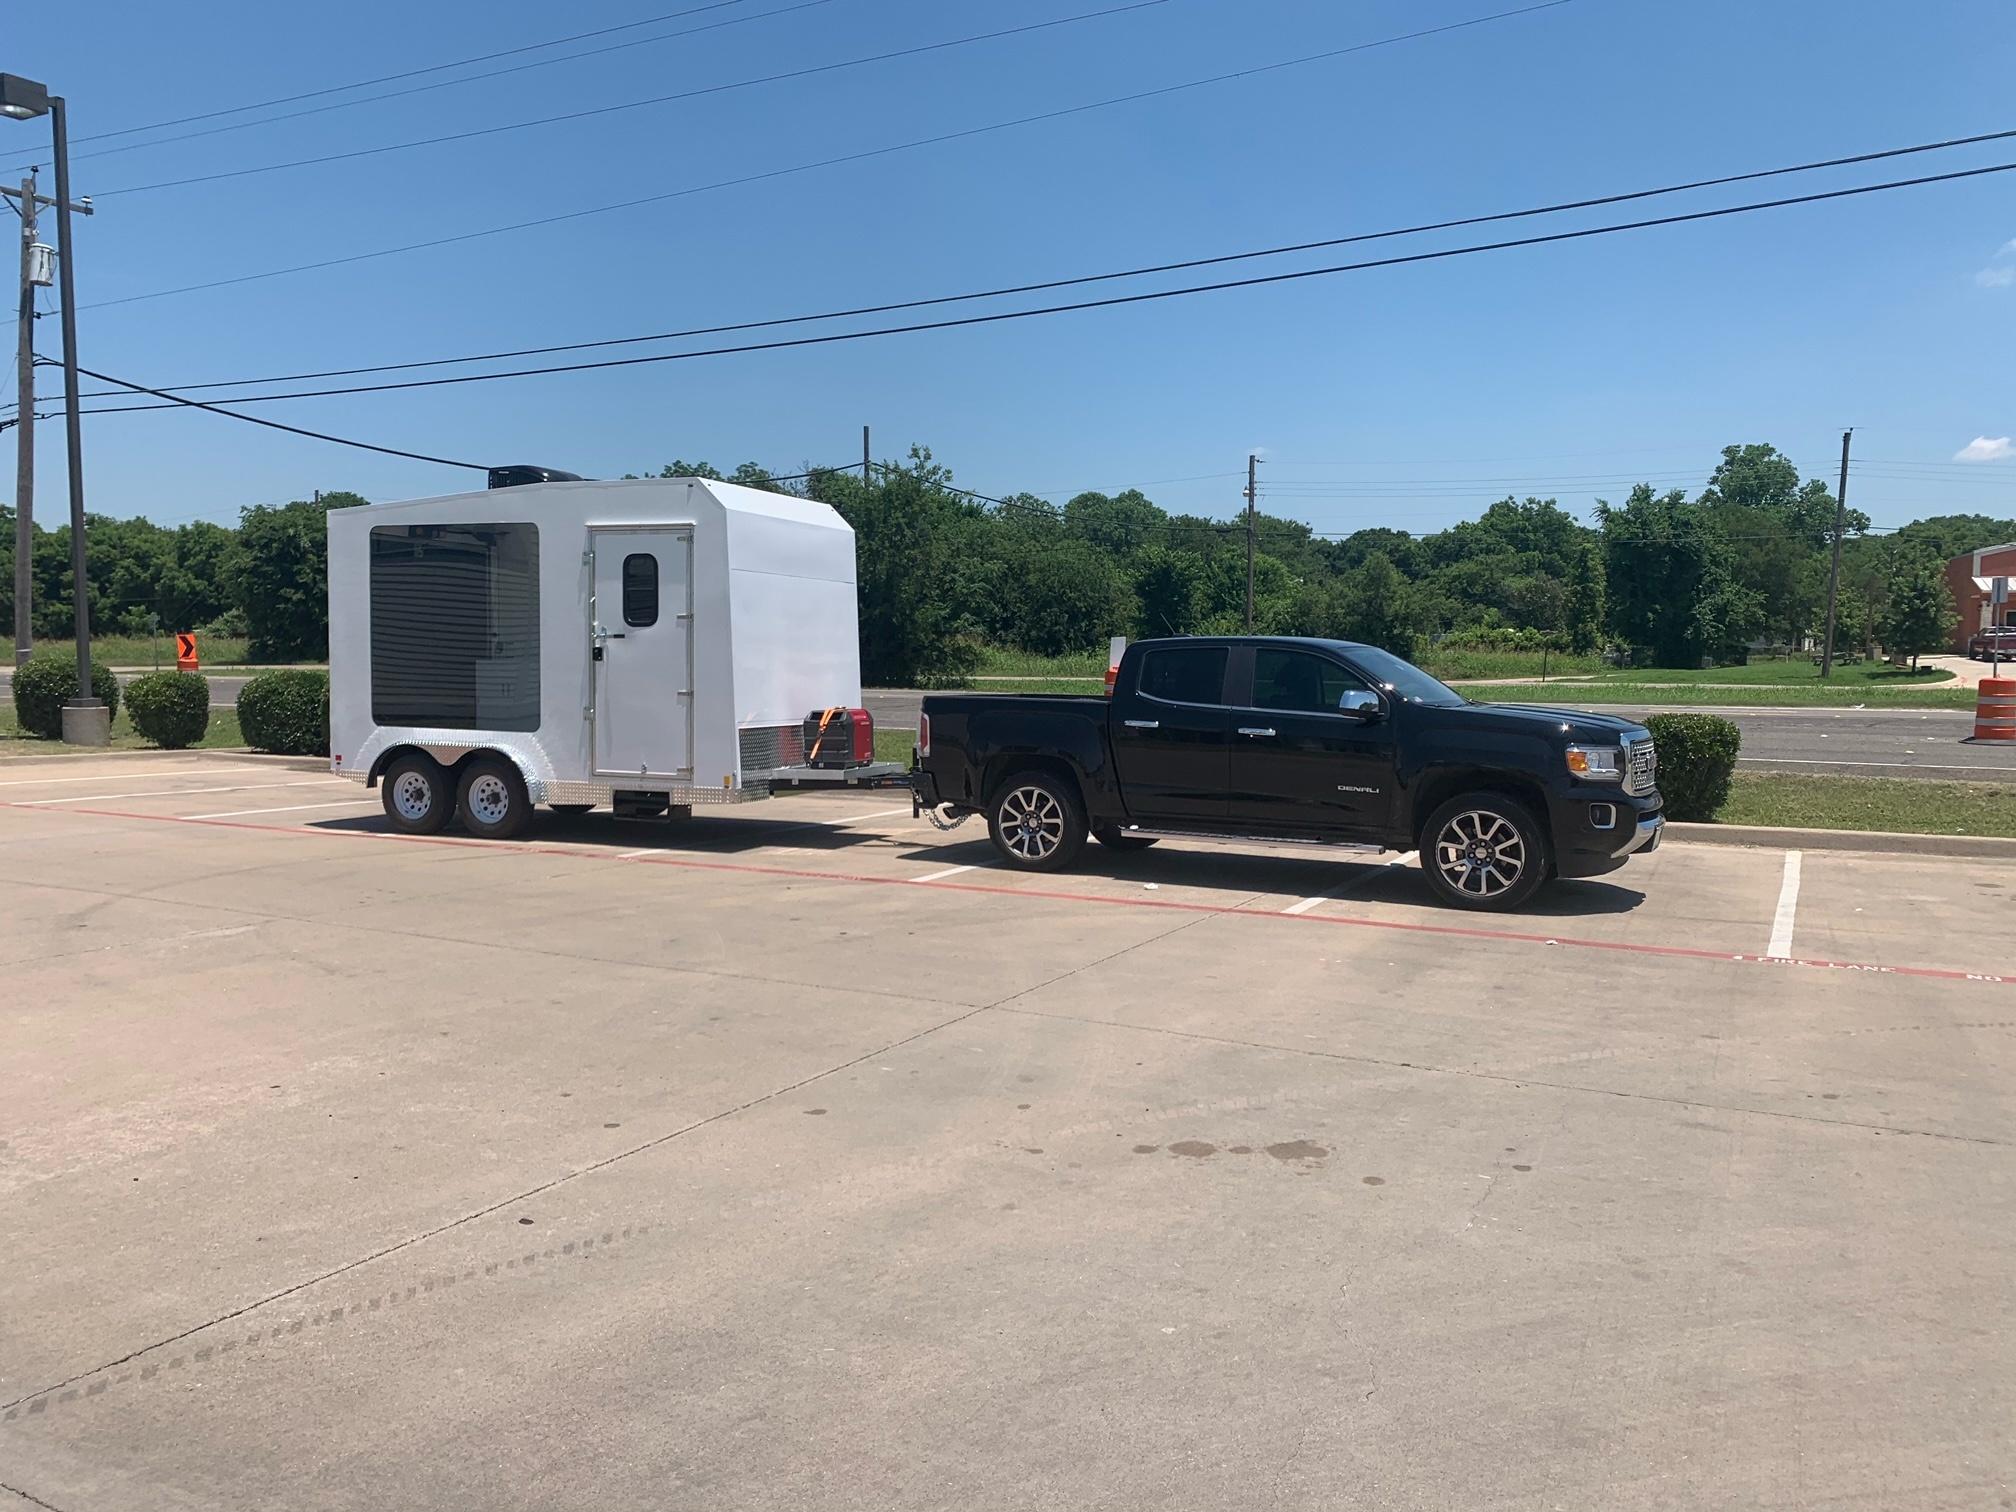 Advertising trailer towing